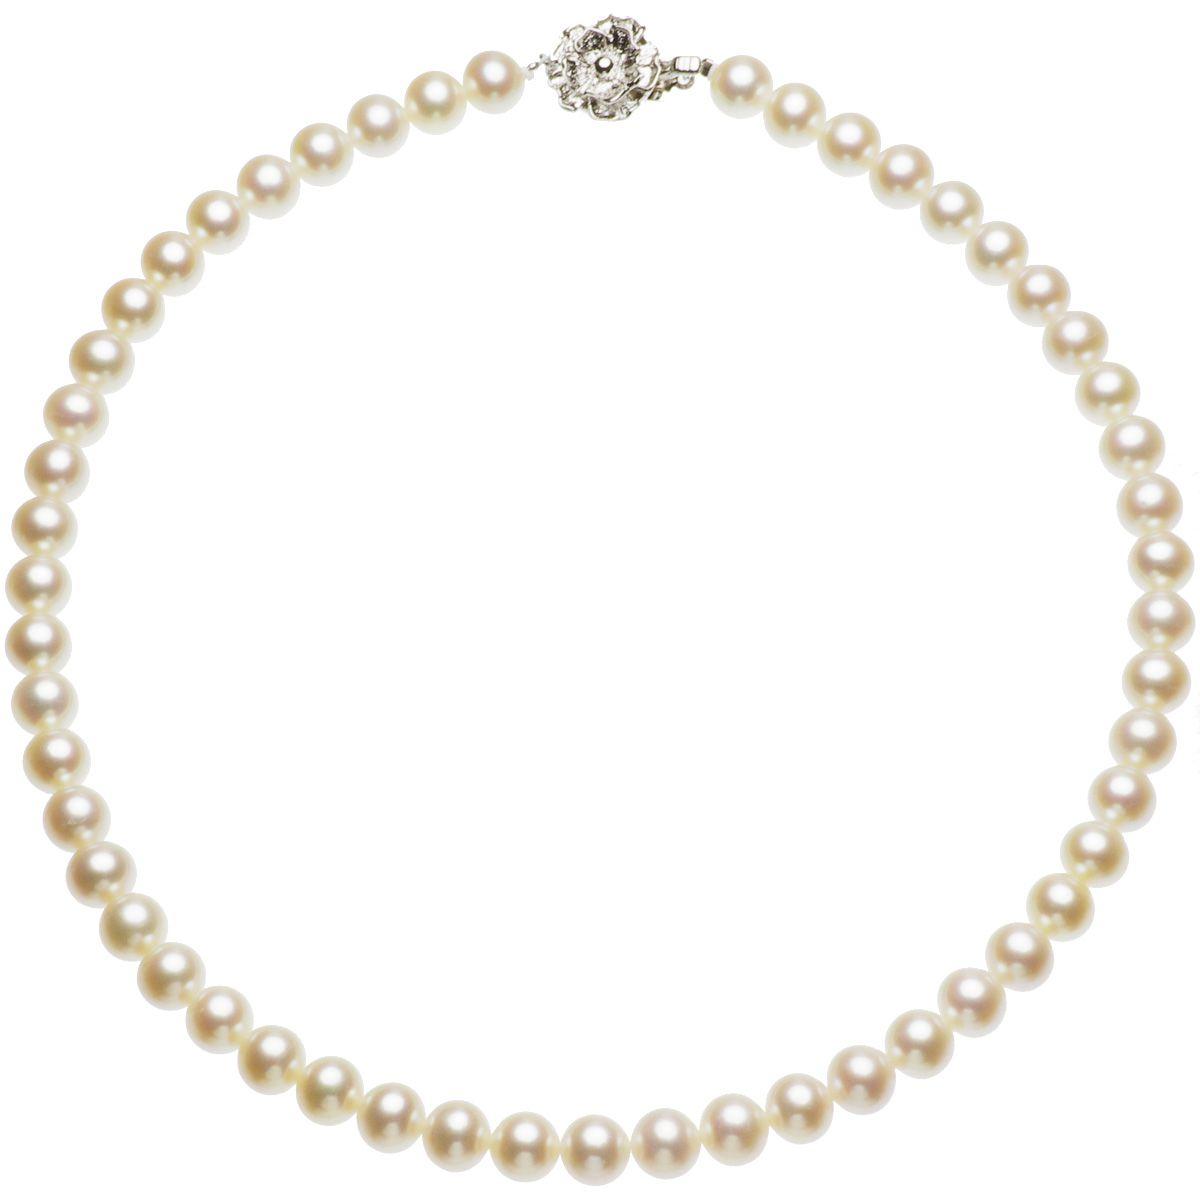 淡水真珠フォーマルネックレス 約8.0-8.5mmの写真